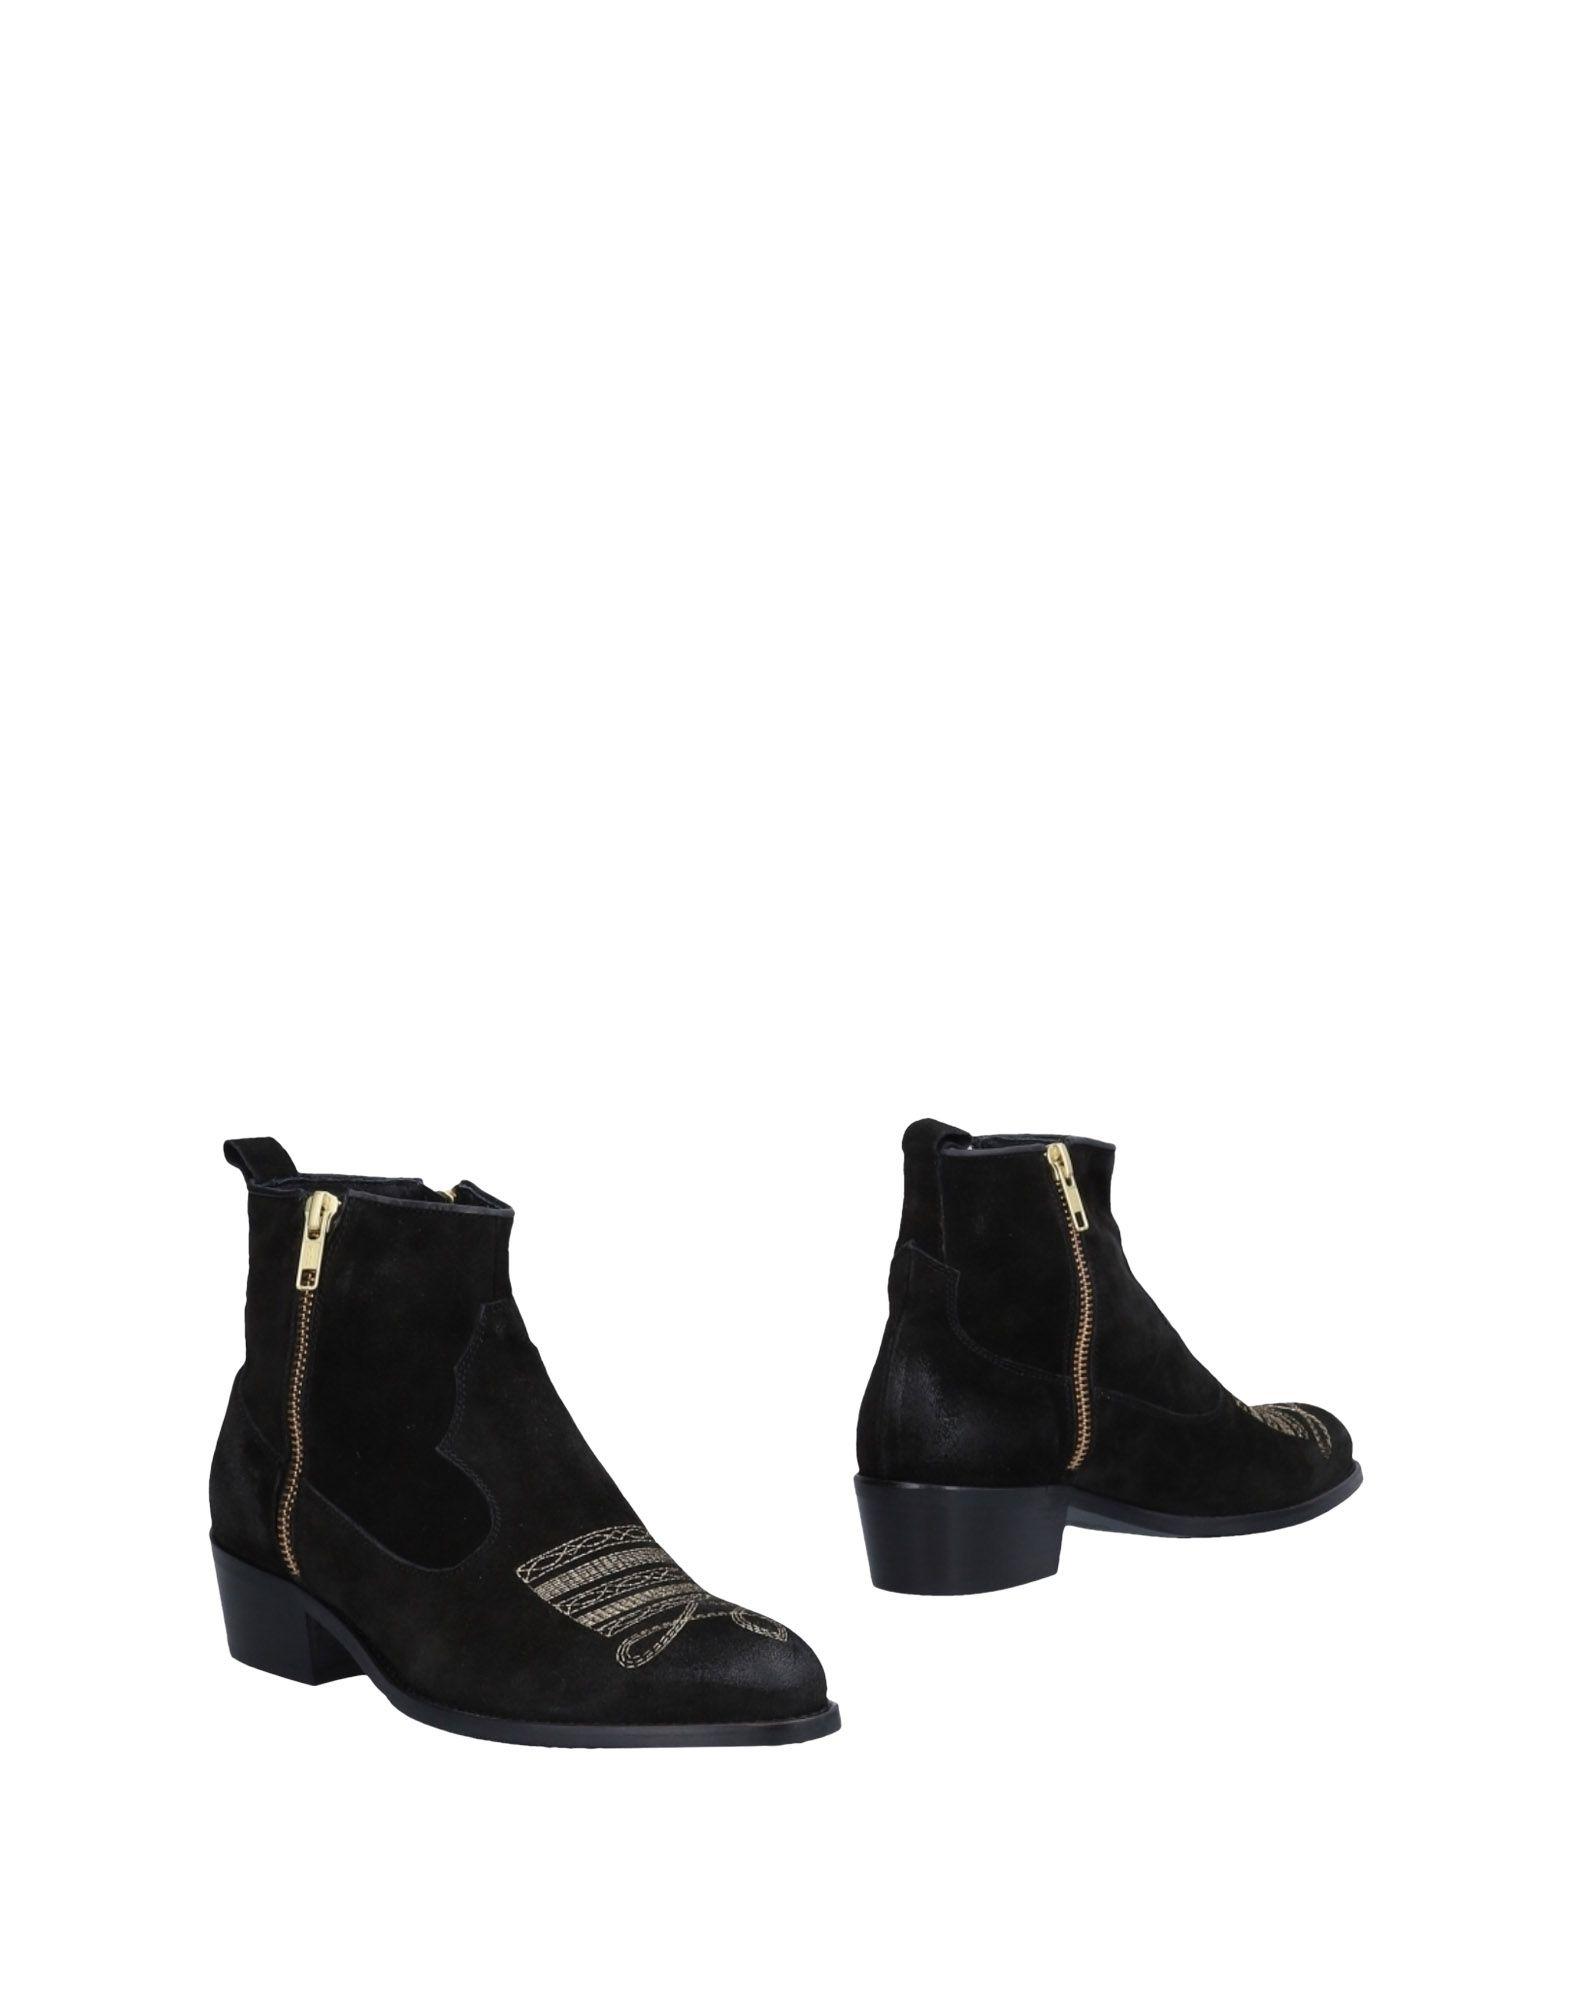 Sneakers Santoni Uomo - 11409687WK Scarpe economiche e buone